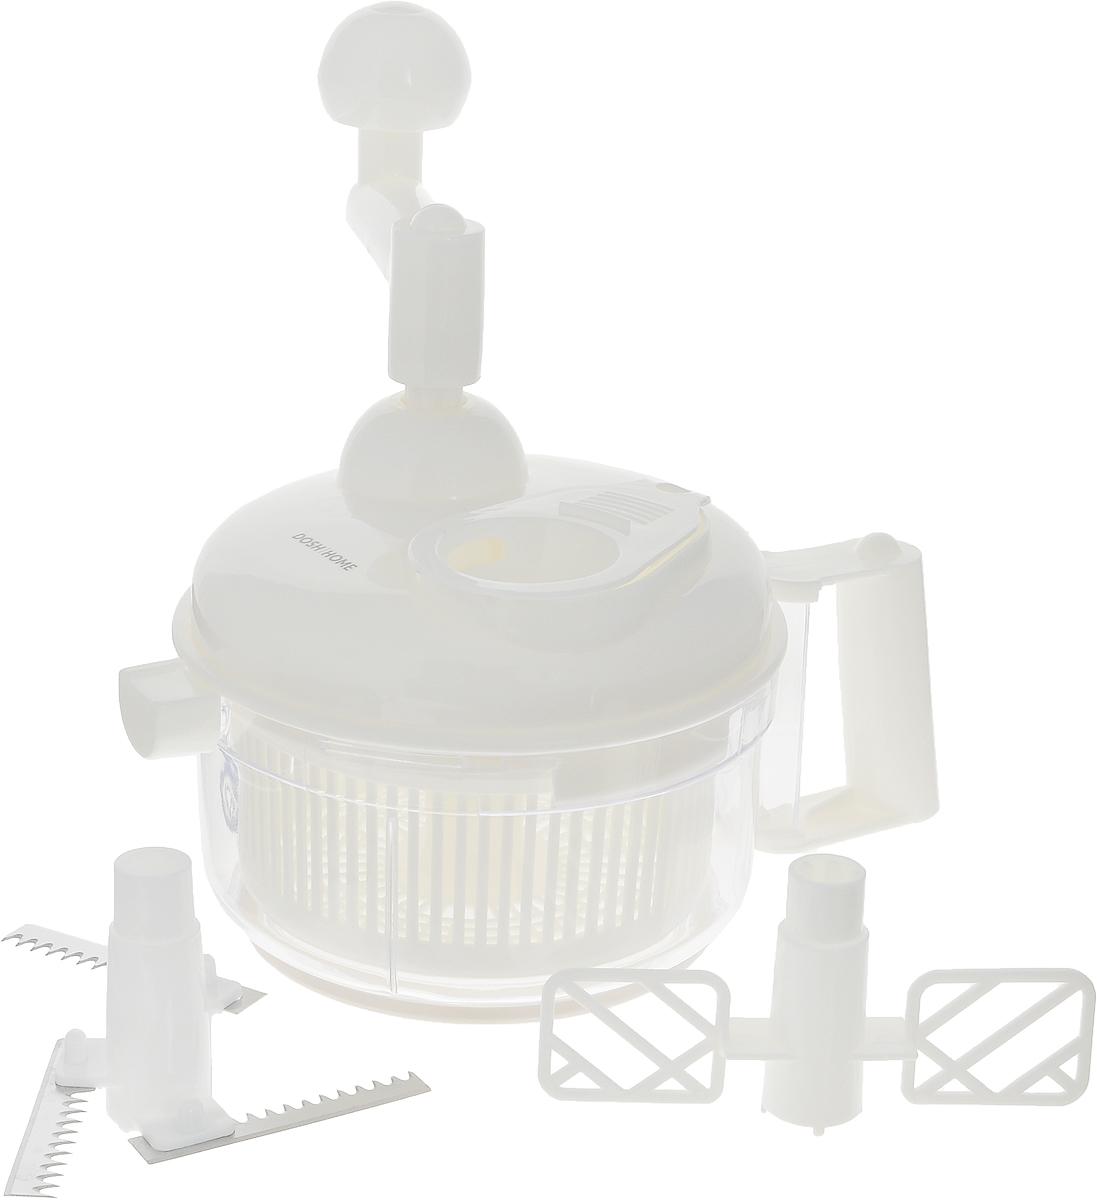 Миксер Dosh Home Vega, мультифункциональный, ручной, с насадками100703Миксер мультифункциональный Dosh Home Vega отлично подходит для быстрого и легкого смешивания, взбивания, измельчения различных продуктов, напитков и много другого.Миксер состоит из основной чаши с крышкой и различными видами насадок-лезвий, для различных функций - смешивание и измельчение. Оснащен удобной ручкой, для удобного использования. Изготовлено из прочного пластика, лопасти из высококачественной нержавеющей стали. Можно мыть в посудомоечной машине.Диаметр чаши (по верхнему краю): 17 см.Высота миксера: 18 см.